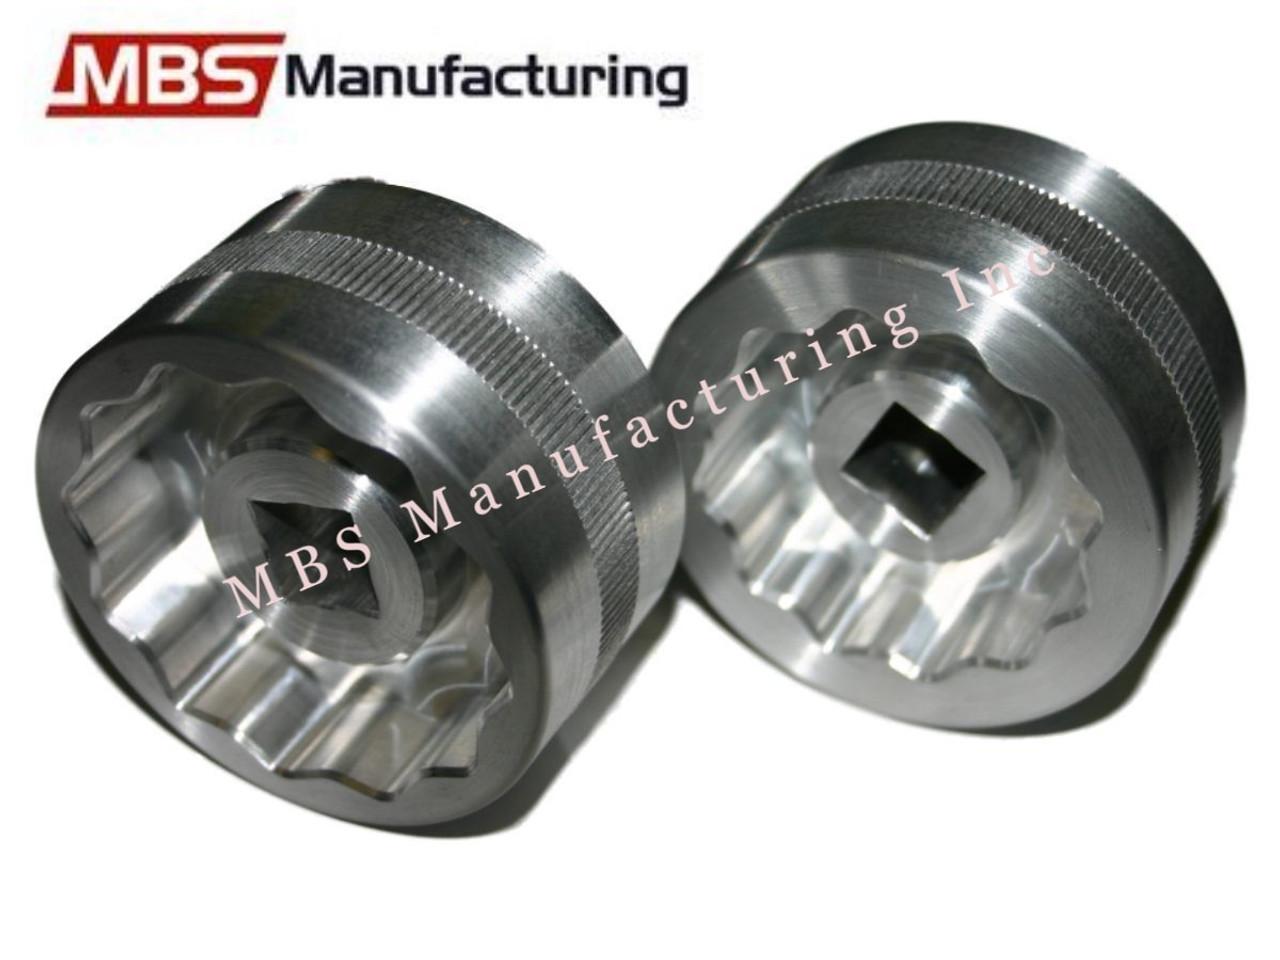 Ducati Aluminum 46/41mm Rear Axle Nut Socket Tool